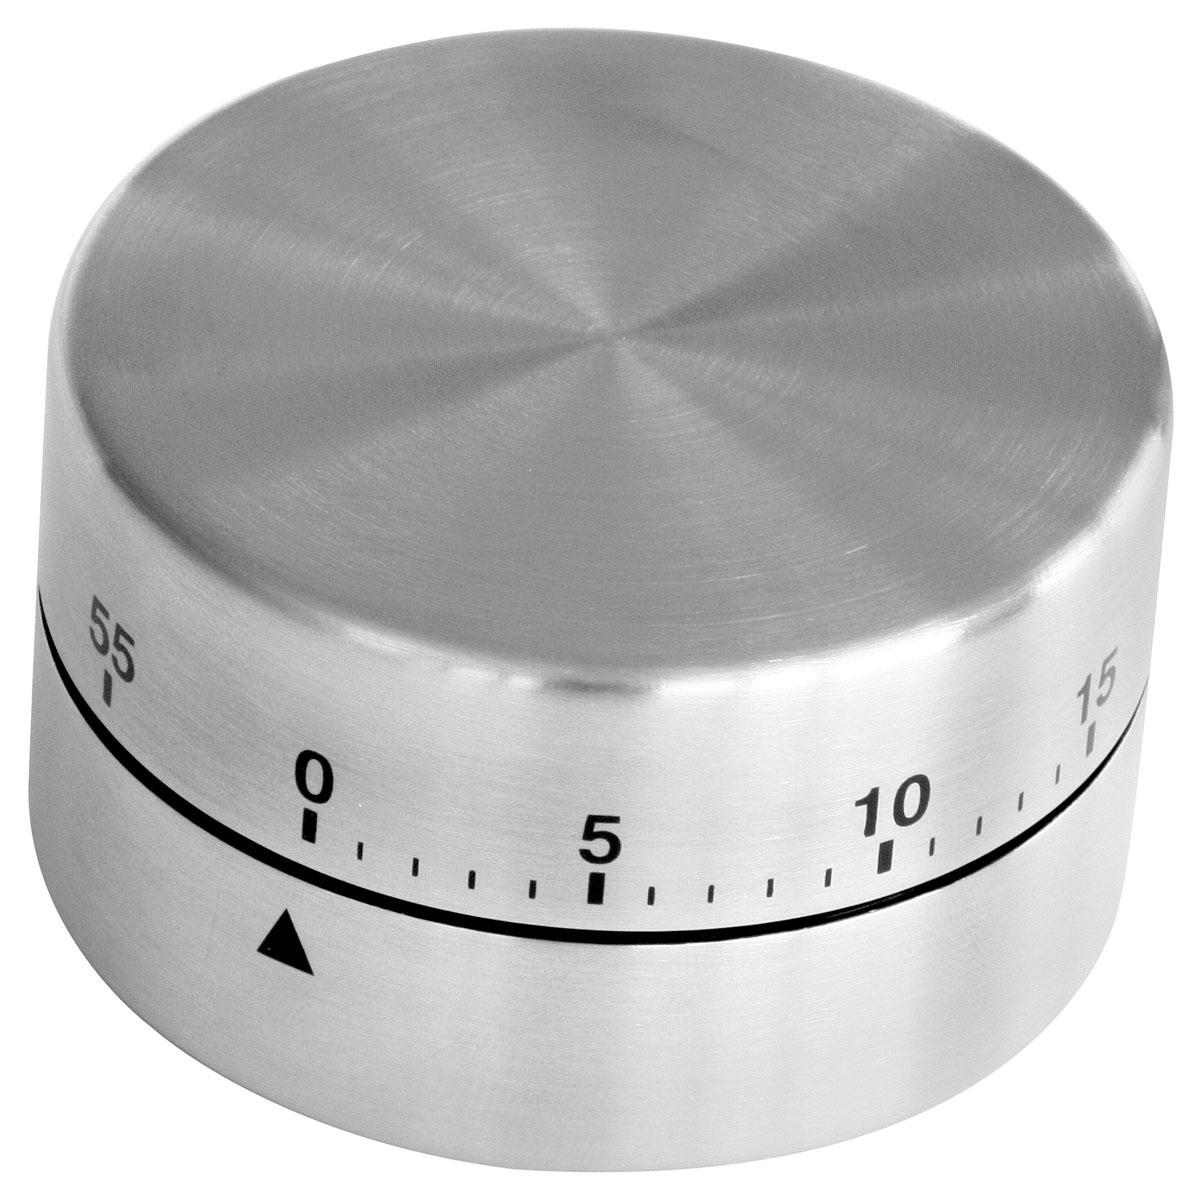 Таймер цилиндрический Zenker, на 60 минут41936Таймер кухонный Zenker изготовлен из нержавеющей стали. Максимальное время, на которое вы можете поставить таймер, составляет 60 минут. После того, как время истечет, таймер громко зазвенит. Оригинальный дизайн таймера украсит интерьер любой современной кухни, и теперь вы сможете без труда вскипятить молоко, отварить пельмени или вовремя вынуть из духовки аппетитный пирог. Диаметр таймера: 6 см. Высота корпуса: 4 см.